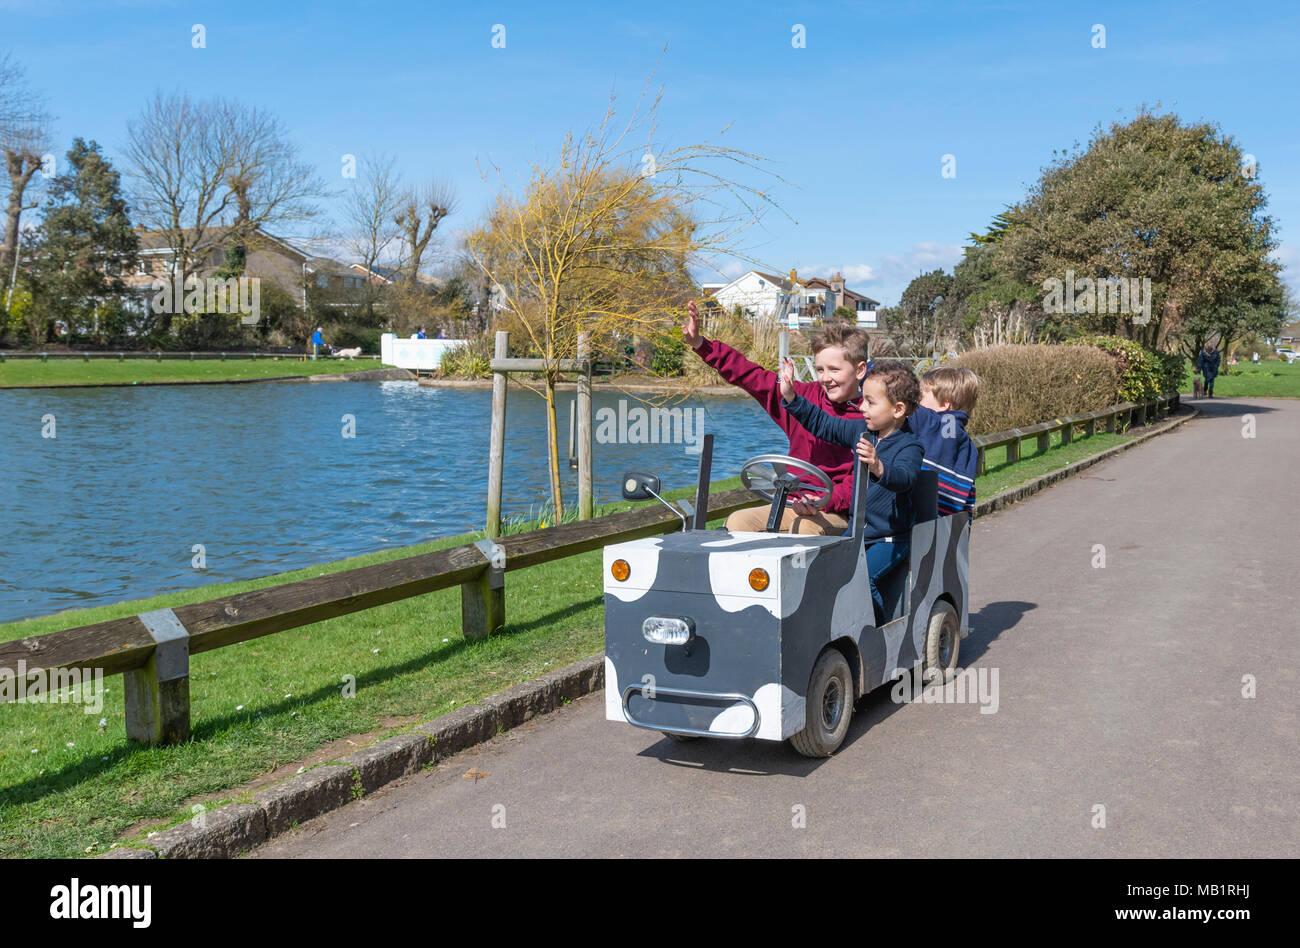 Les jeunes passagers de monter sur un véhicule motorisé de l'enfant dans un parc, tout en agitant à personnes, au Royaume-Uni. Photo Stock